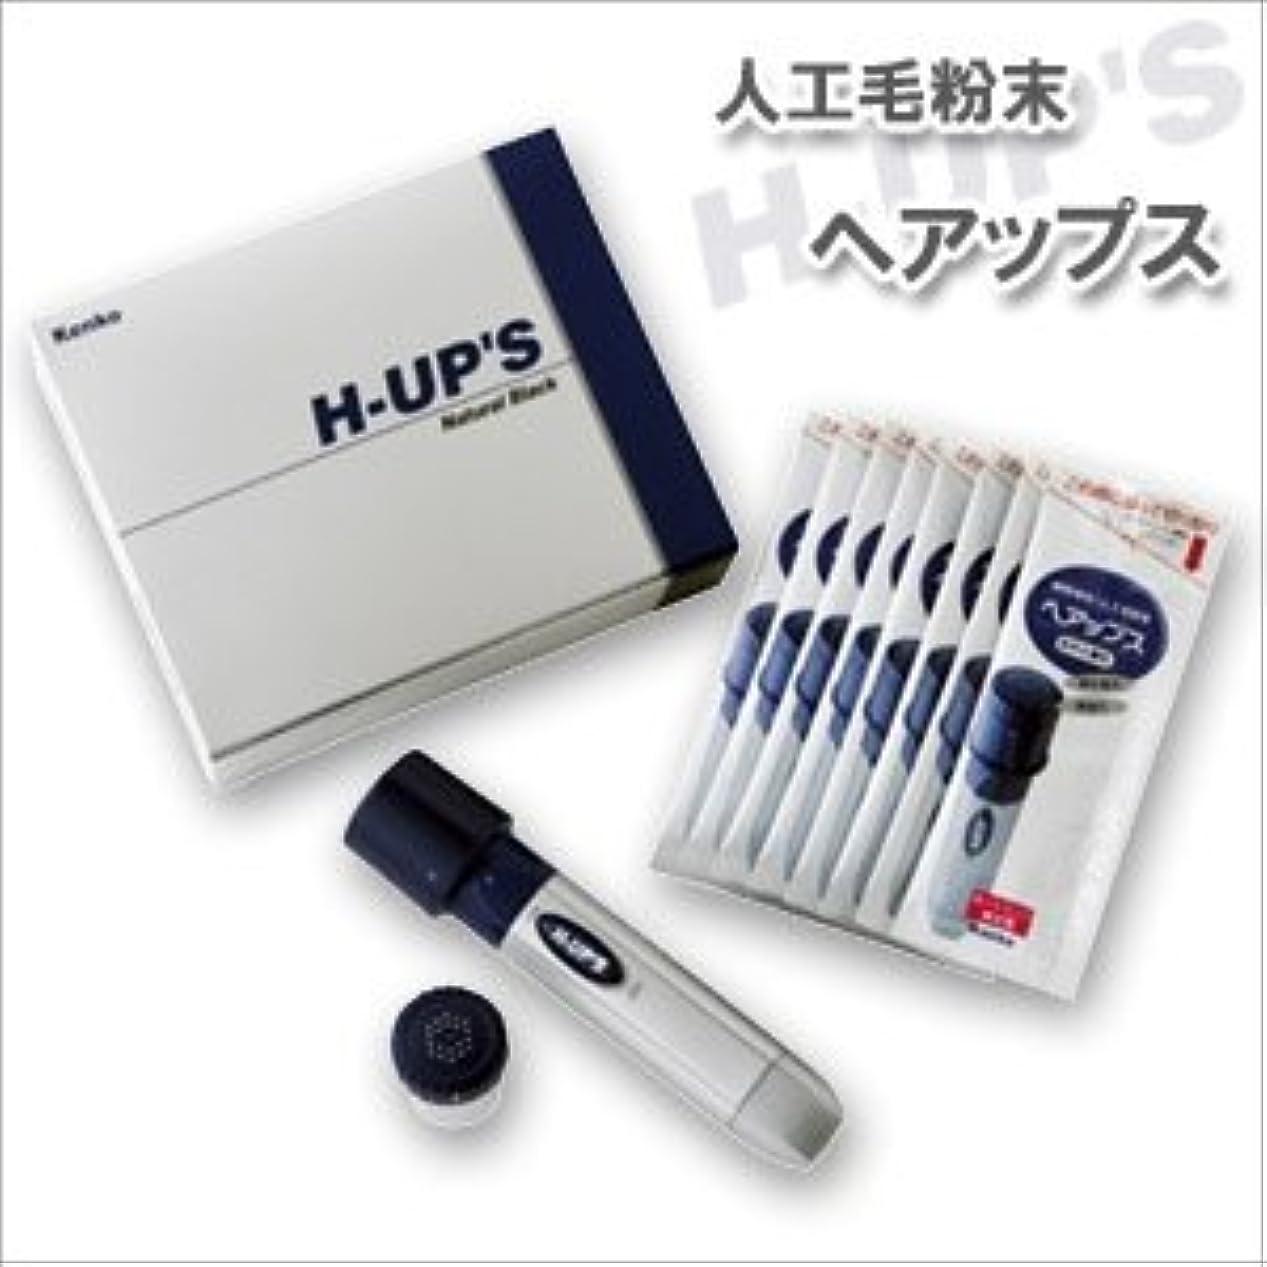 ご意見日曜日うがいH-UP S ヘアップス 電動散布器本体 プラス 補充用カートリッジ 頭皮薄毛カバー粉末 ブラック